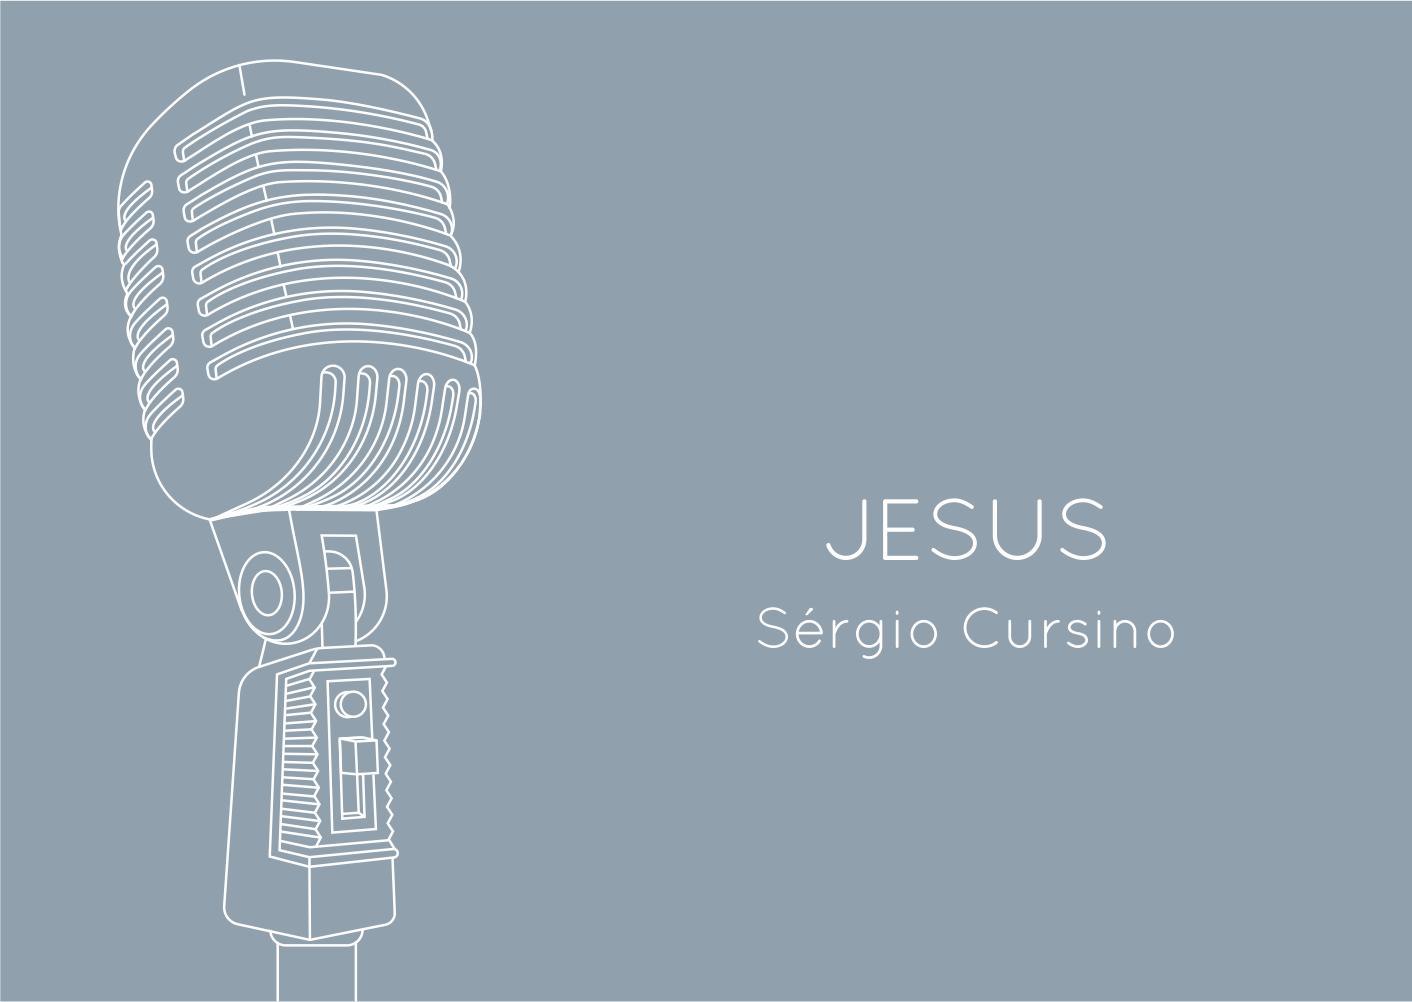 Jesus - Sérgio Cursino